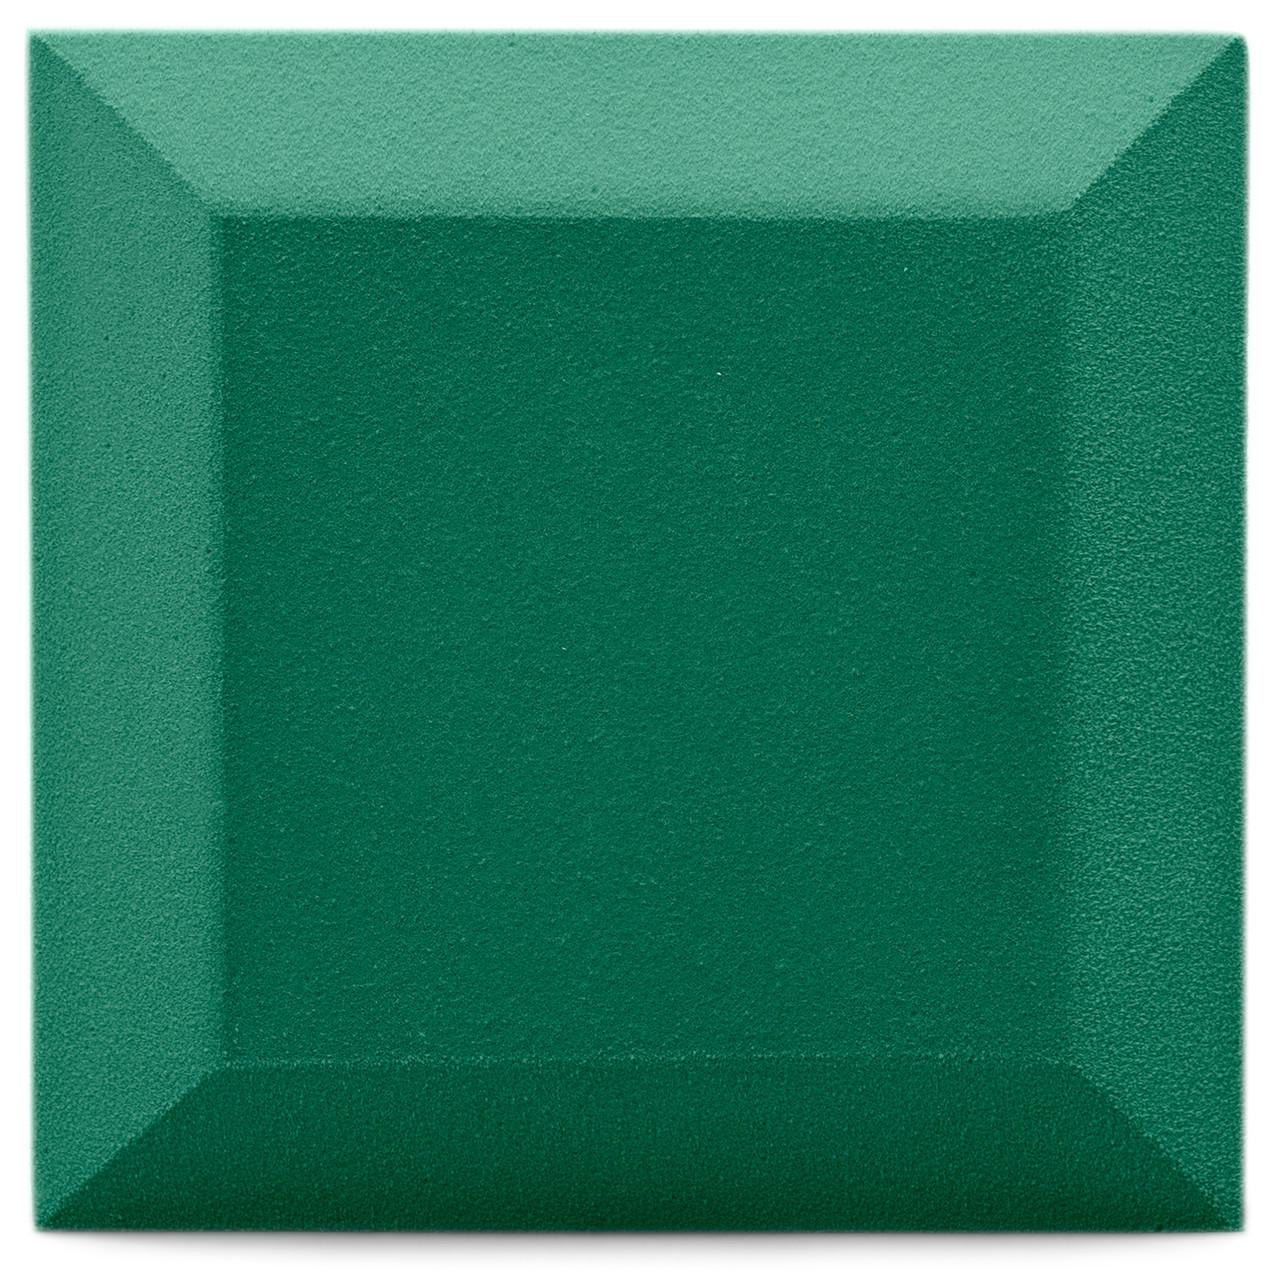 Бархатная акустическая панель из акустического поролона Ecosound Velvet Kelly green 25х25см 50мм. Цвет зеленый